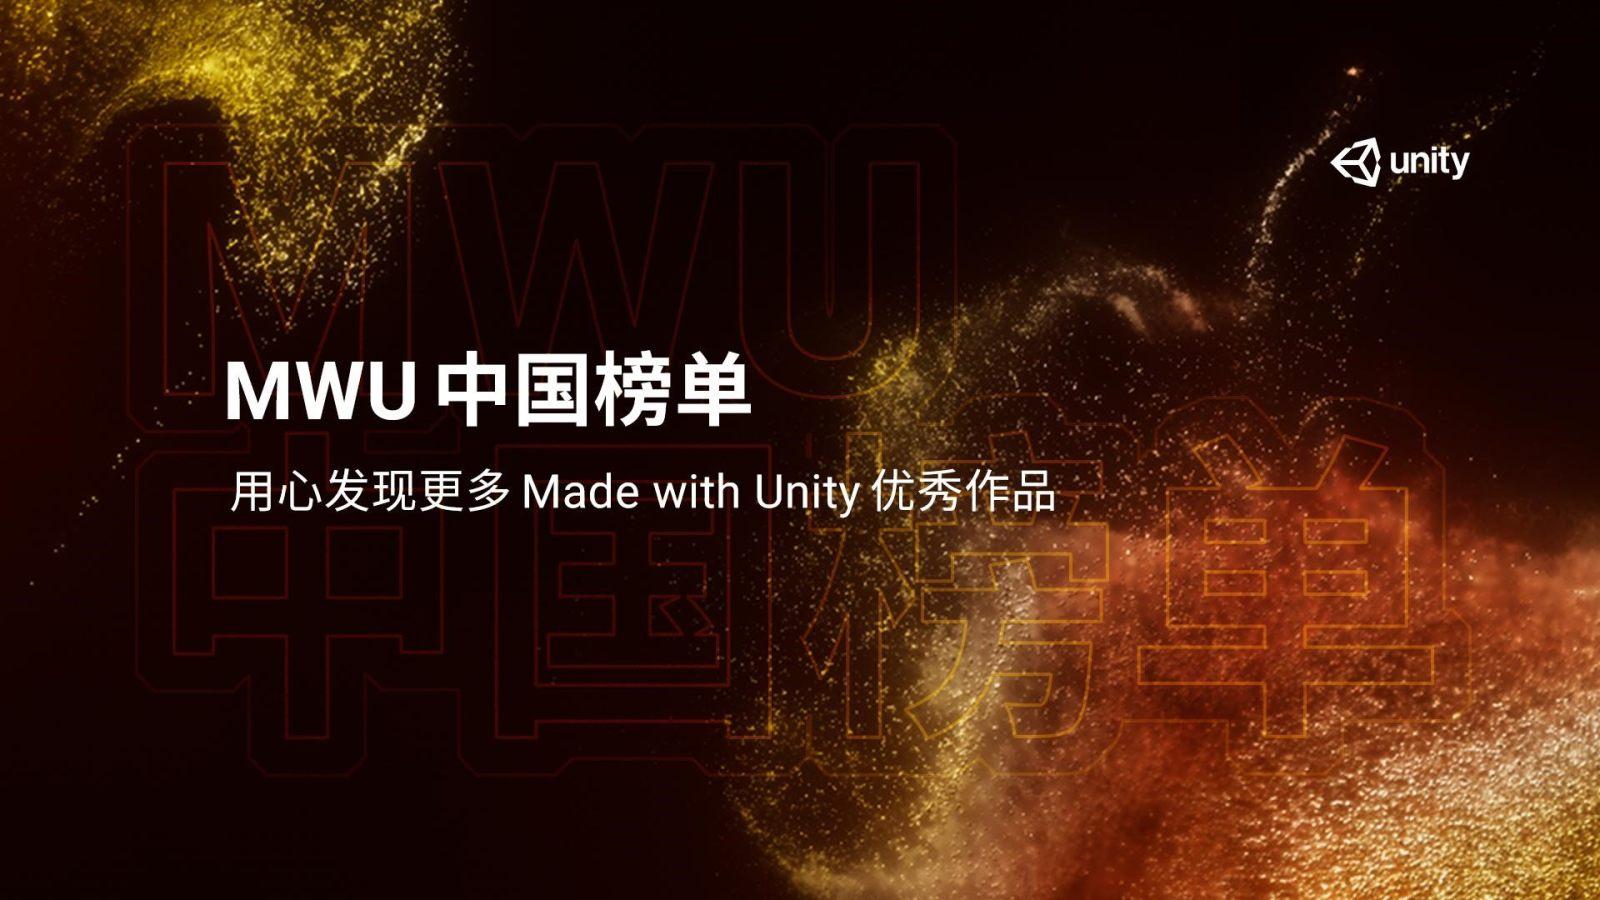 Unity线上技术大会正式开幕,年度奖项得主公开